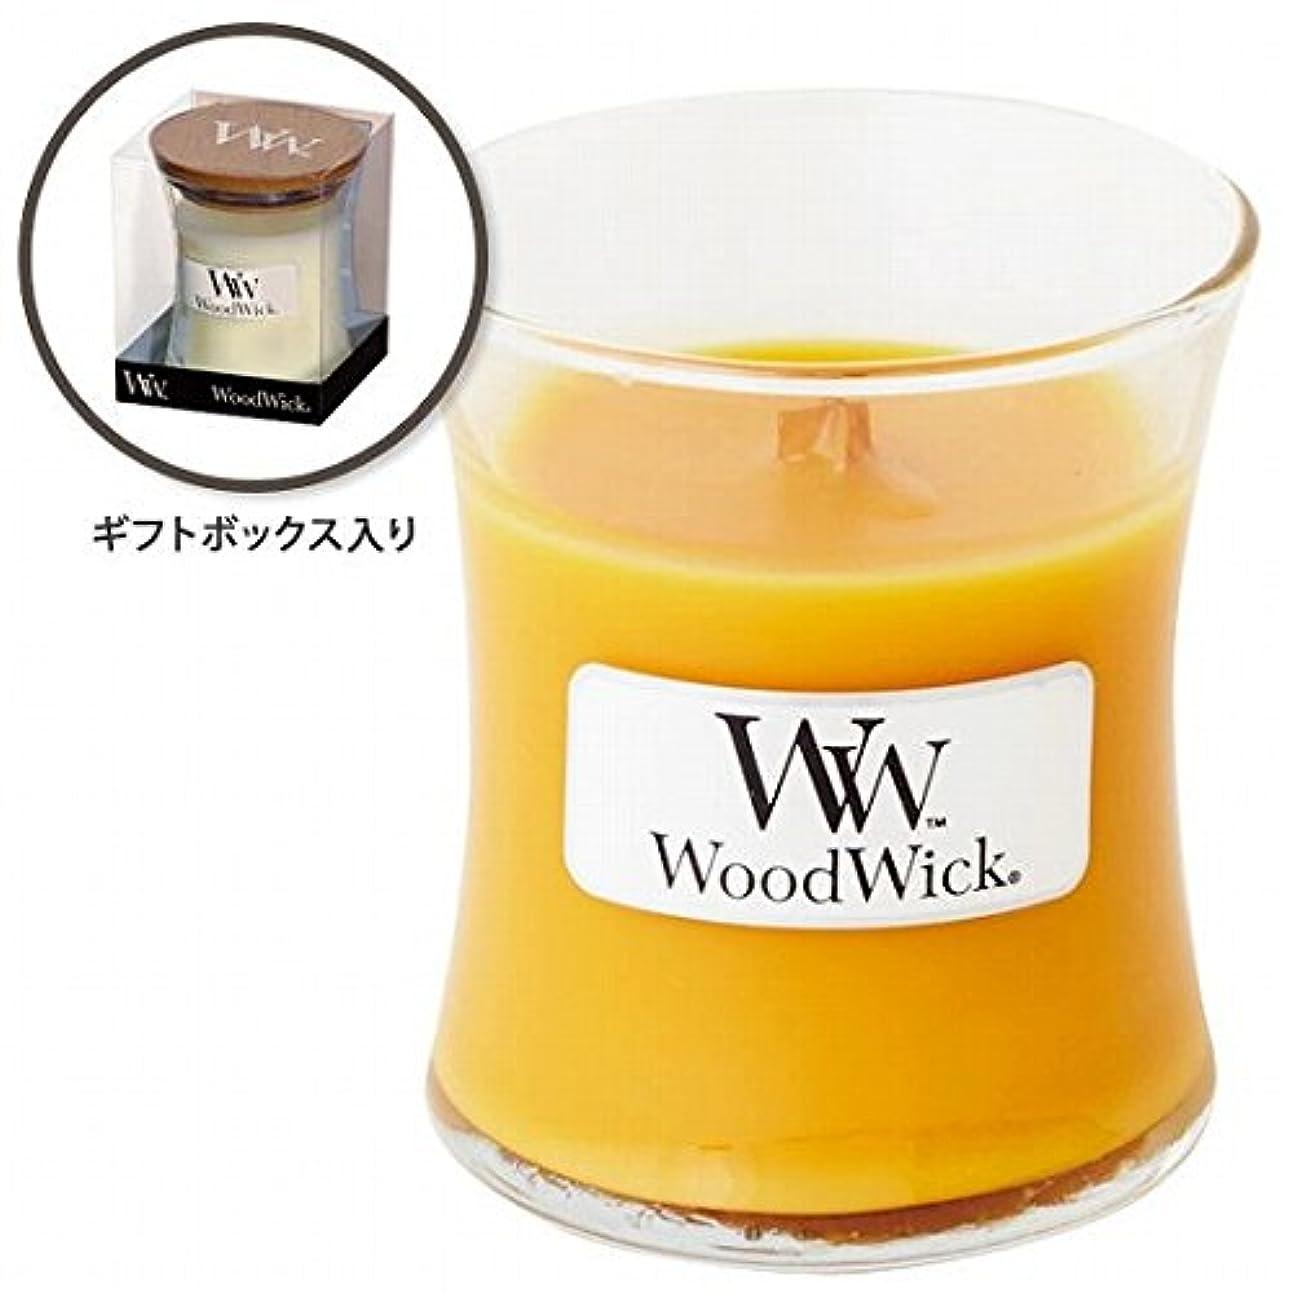 アパル校長電報ウッドウィック( WoodWick ) Wood WickジャーS 「スパークリングオレンジ」